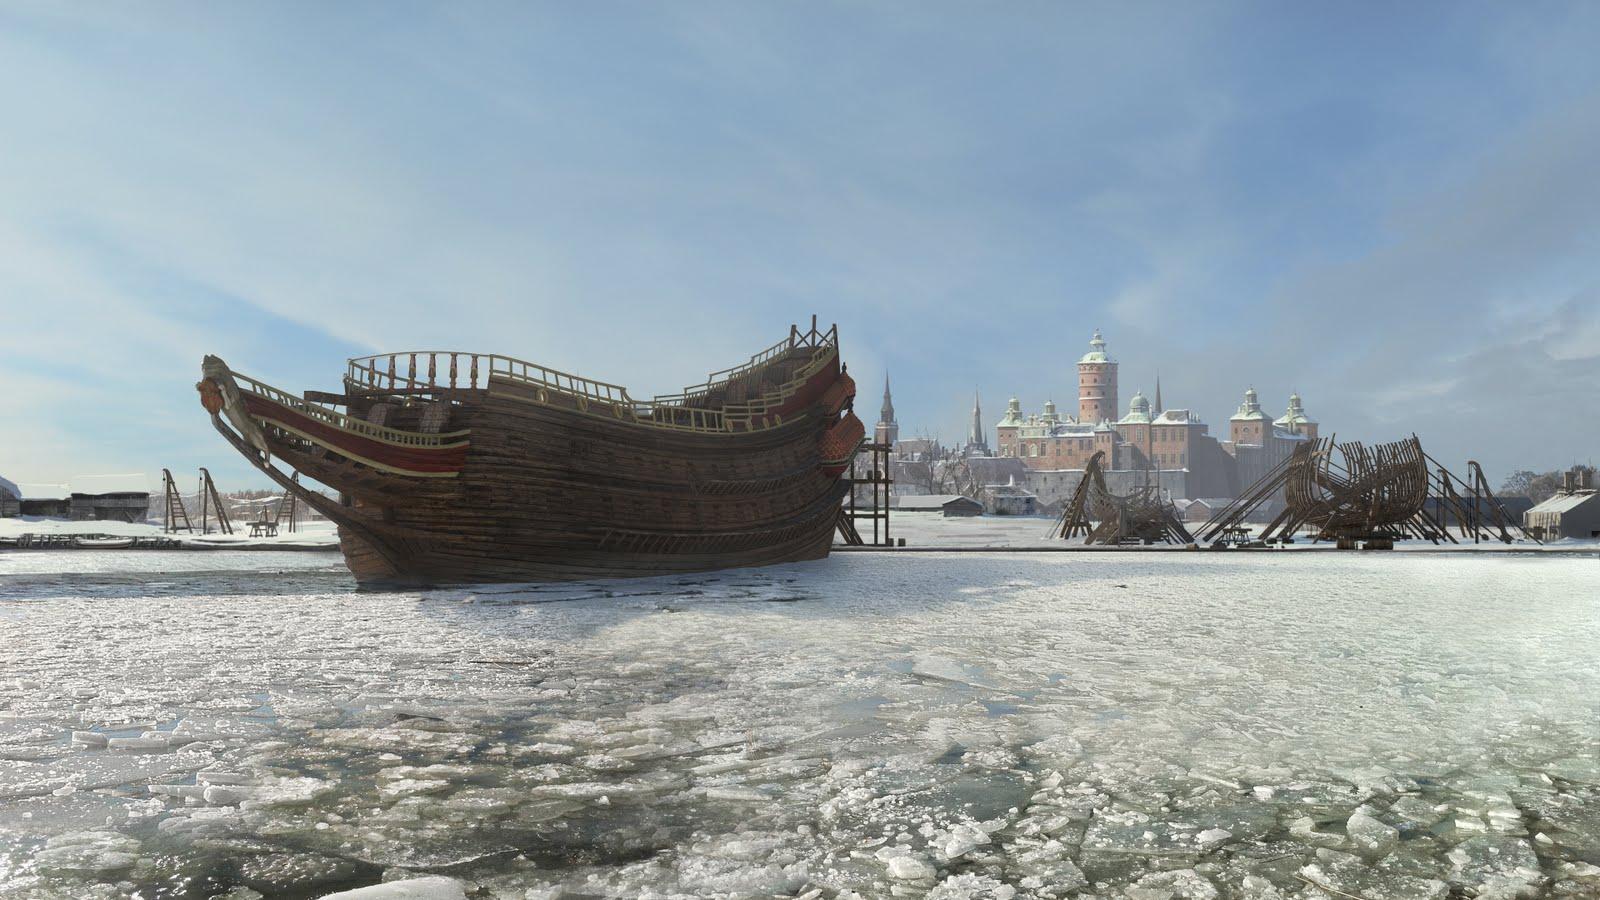 Martin Bergquist: Vasa ship documentury - mattepainting